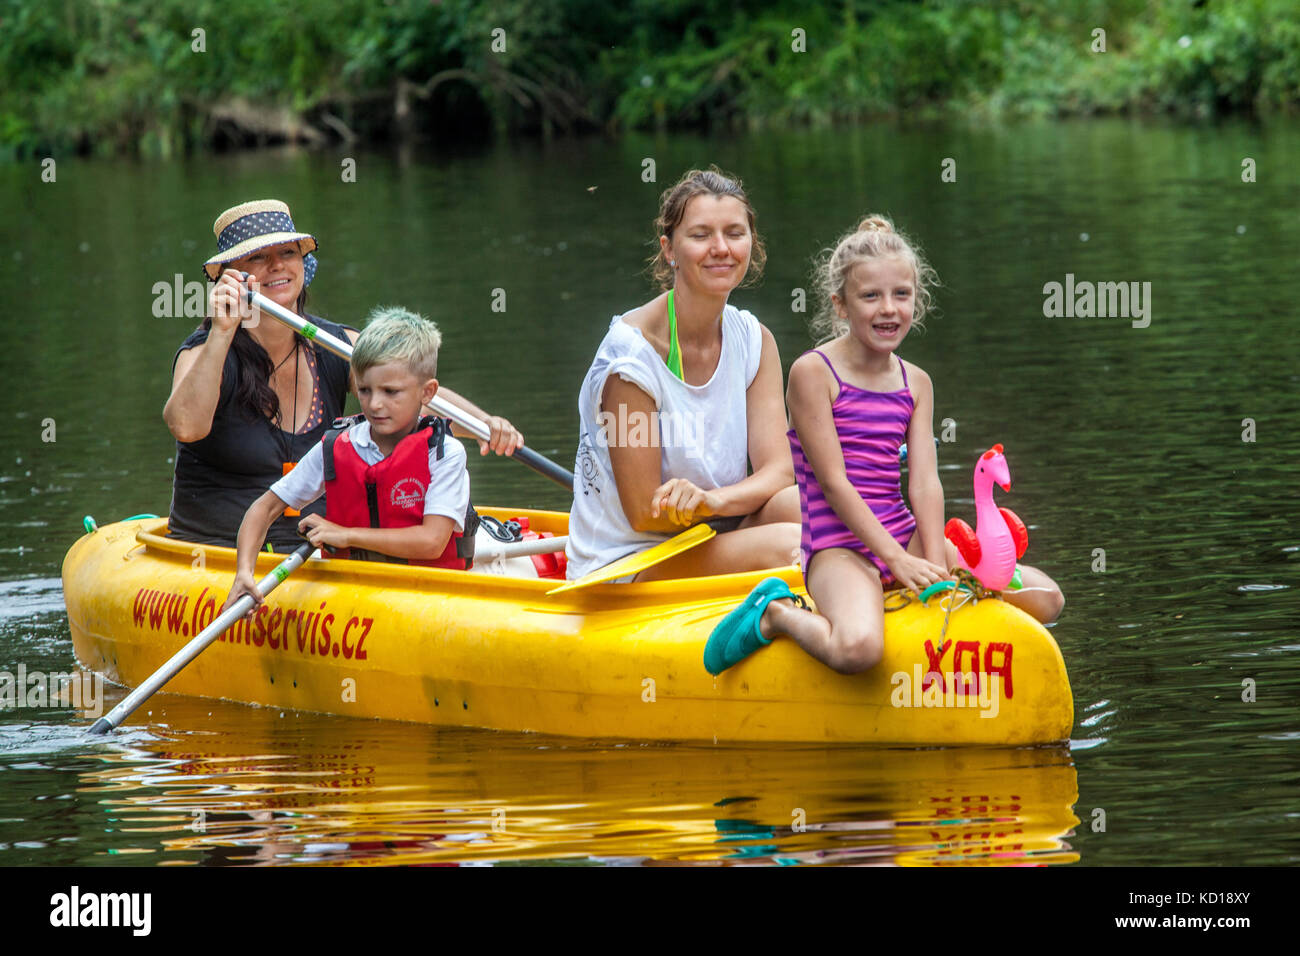 Piragüismo con tres generaciones de la familia remaban bajando por el río Otava, la gente, las vacaciones Imagen De Stock